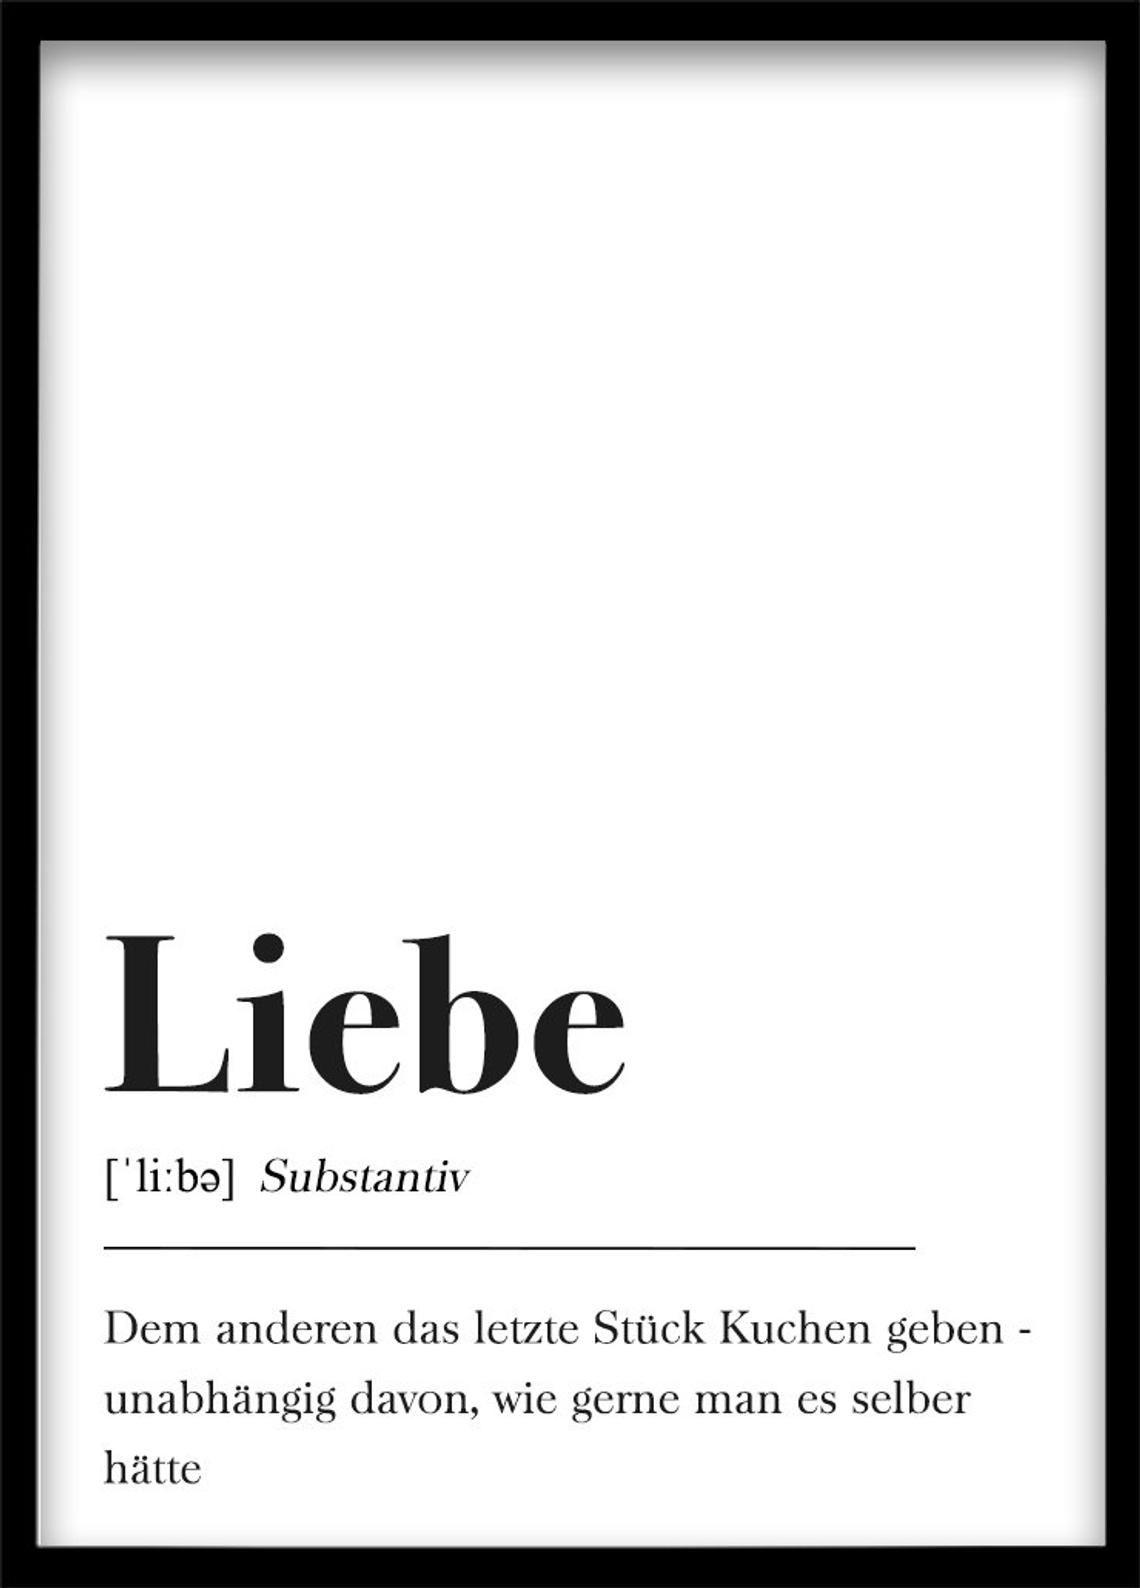 Poster Liebe, Geschenk für Freundin, Geschenk Jahrestag, Plakat schwarz weiß, Skandinavisch Wohnen Geschenk, Verlobung, Hochzeit